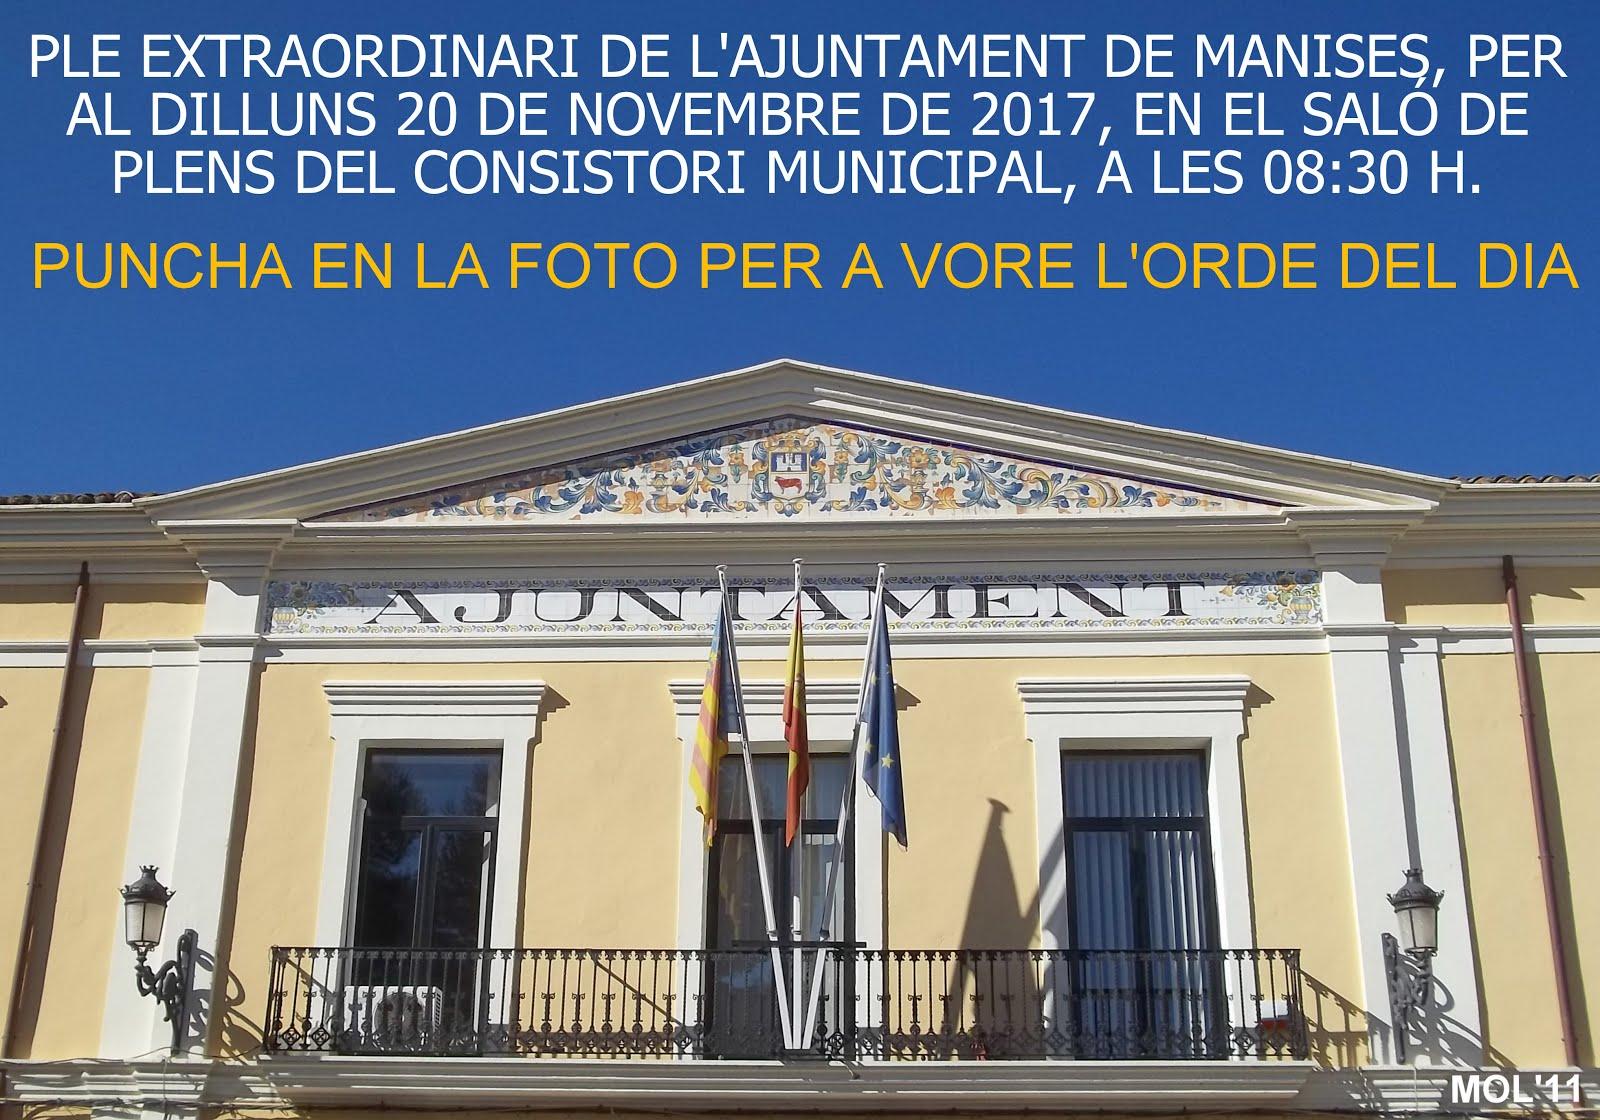 20.11.17 PLE EXTRAORDINARI DE L'AJUNTAMENT DE MANISES